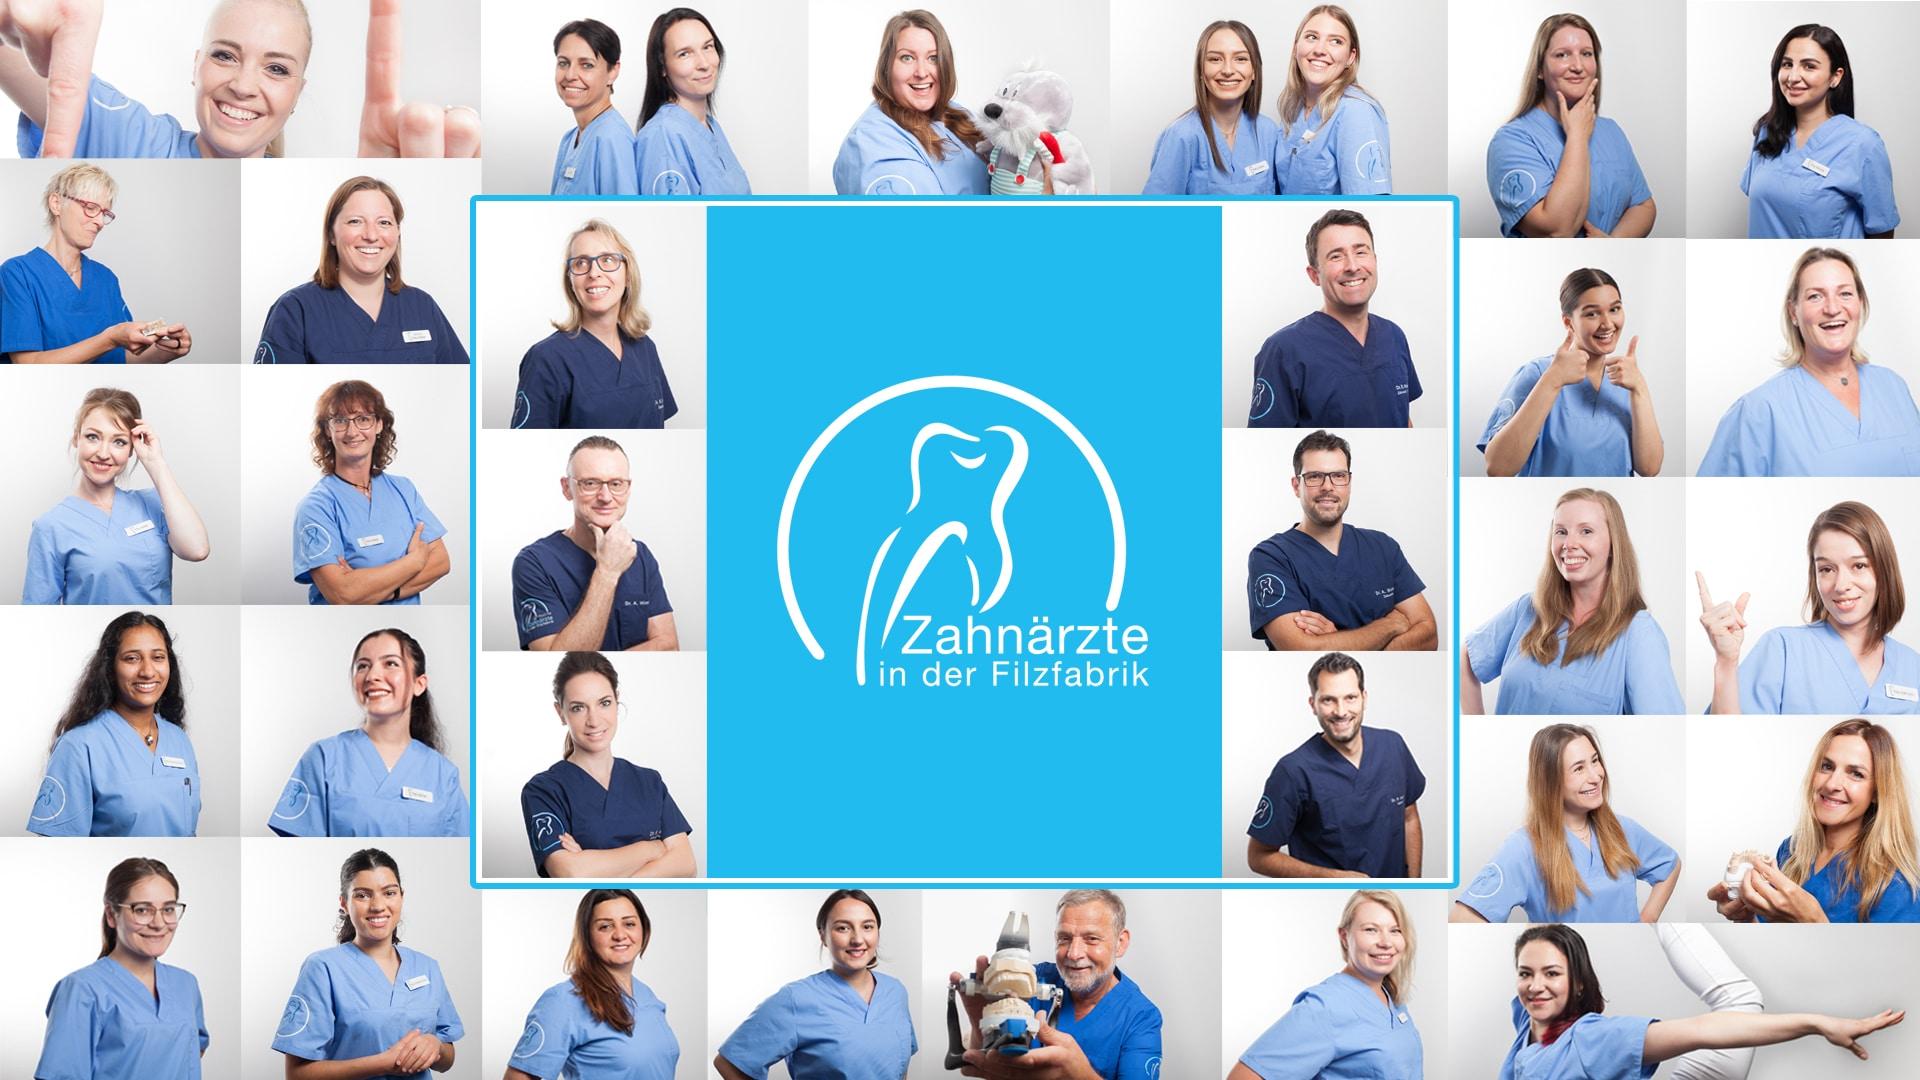 Zahnaerzte in der Filzfabrik Speyer Zahnearzte Mitarbeiter Kollage EinstarkesTeam